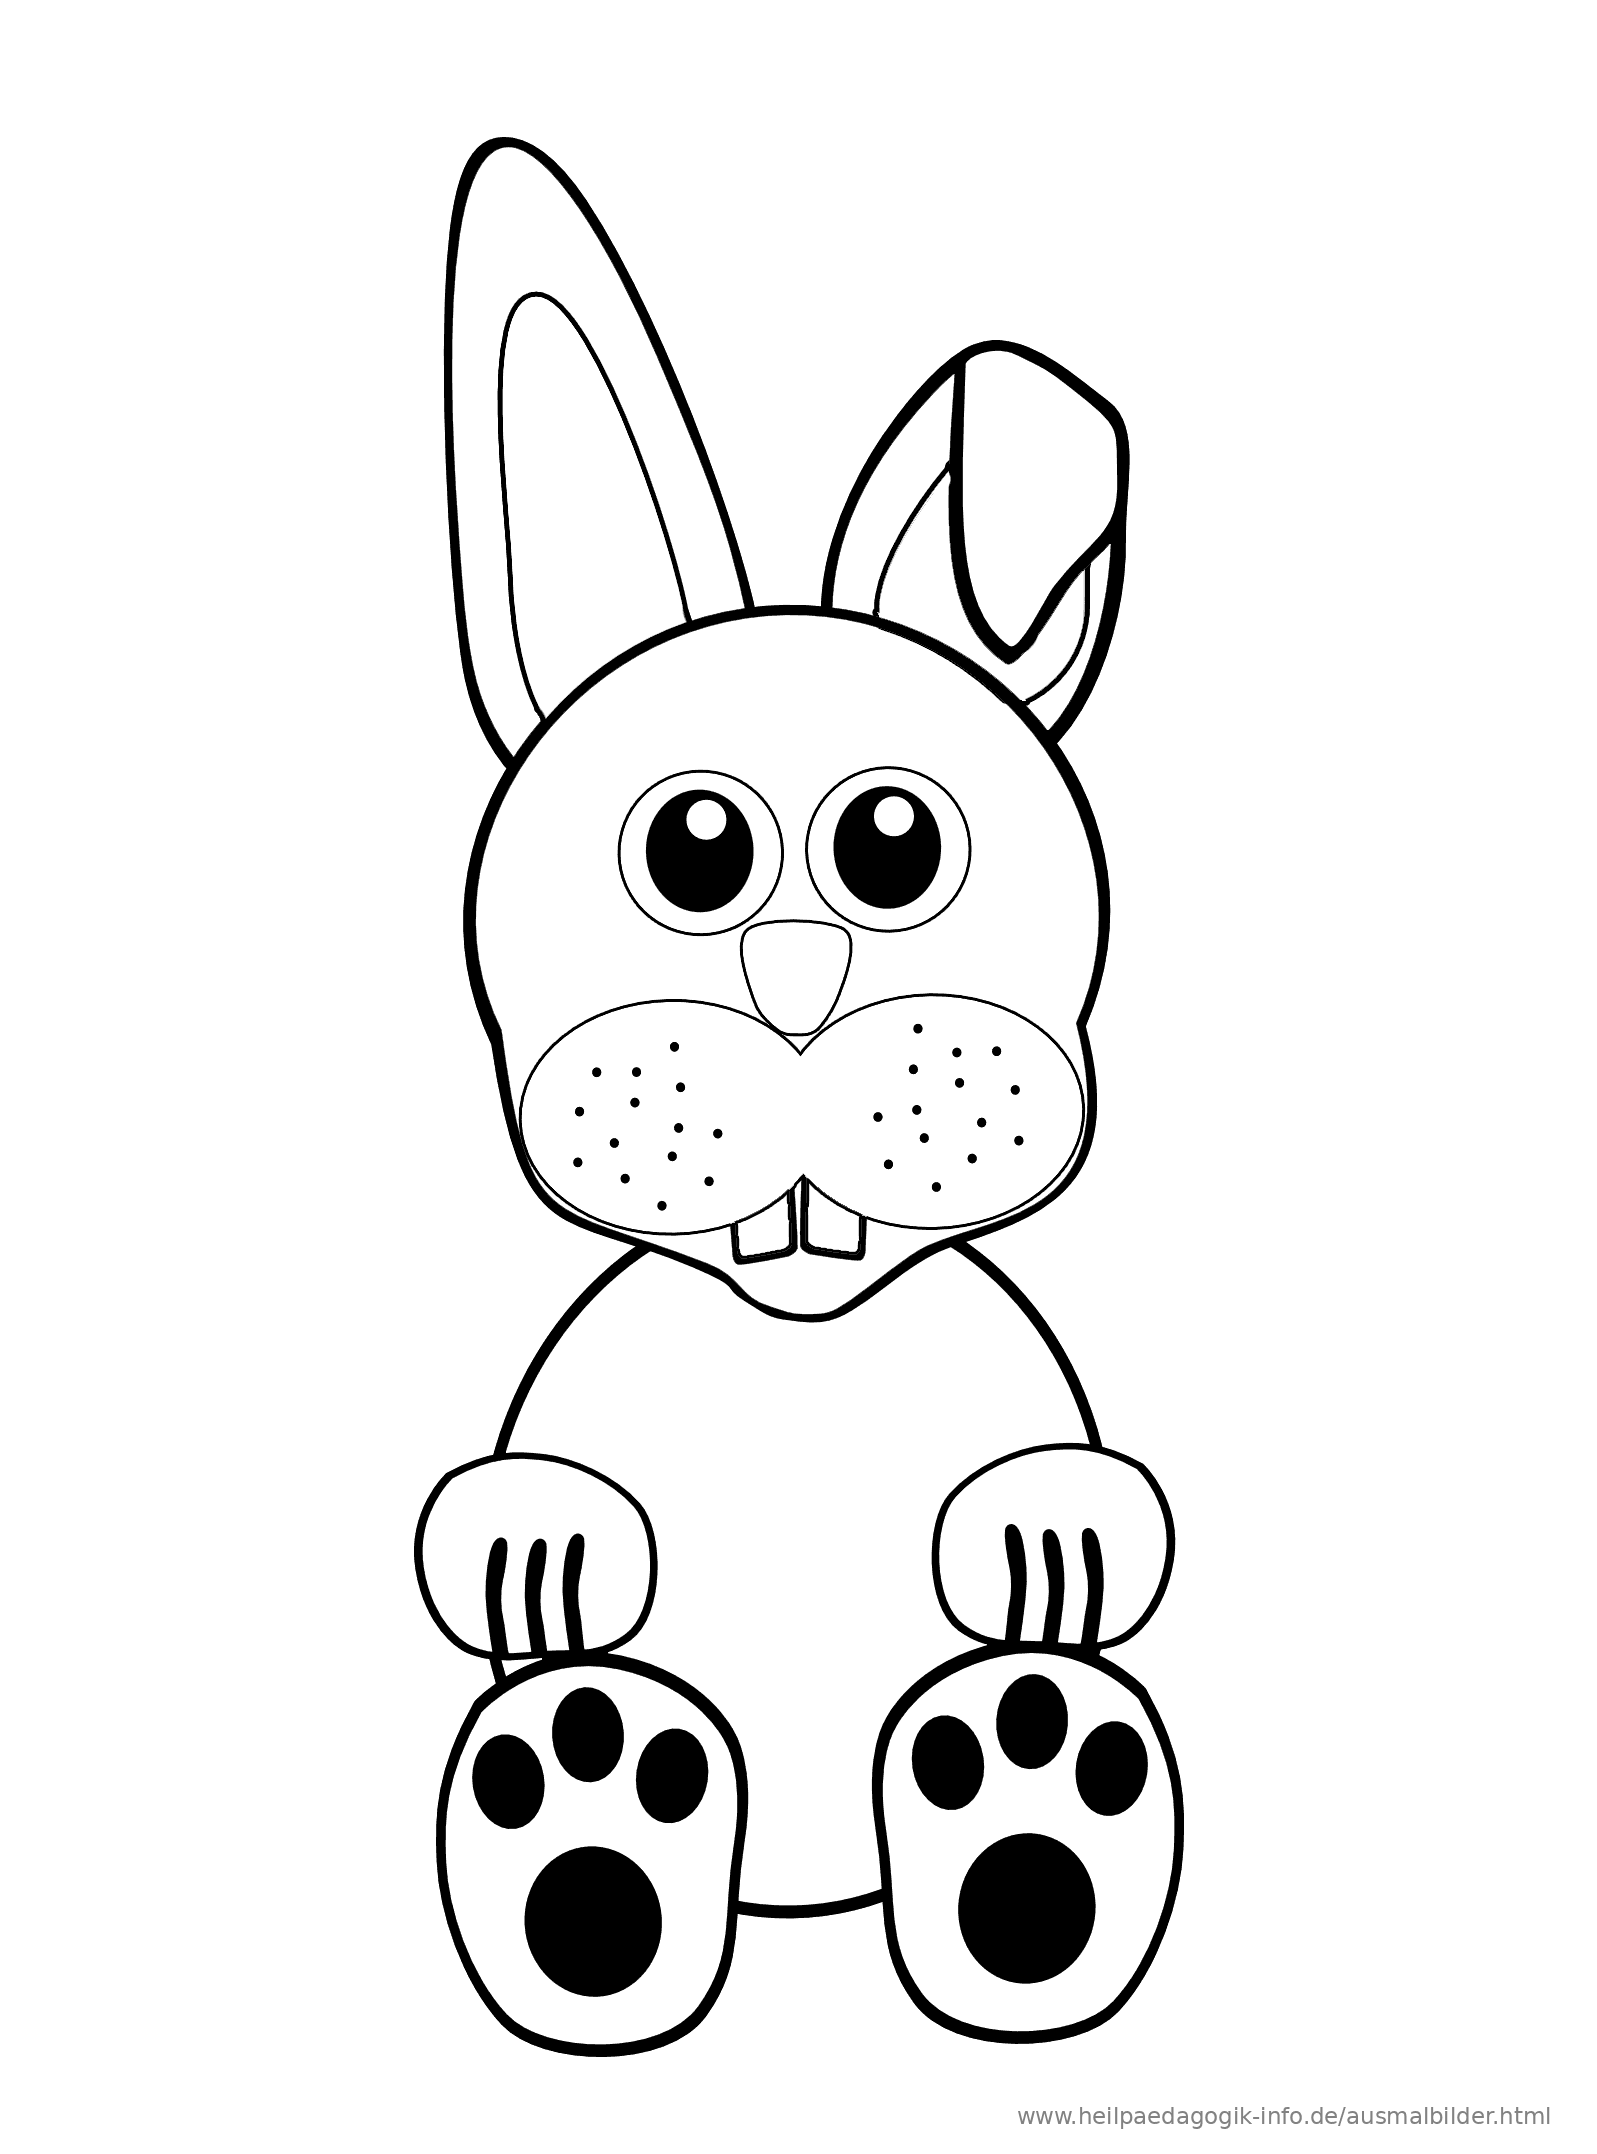 Neu Ausmalbilder Sitzender Hase - Art von Malvorlagen